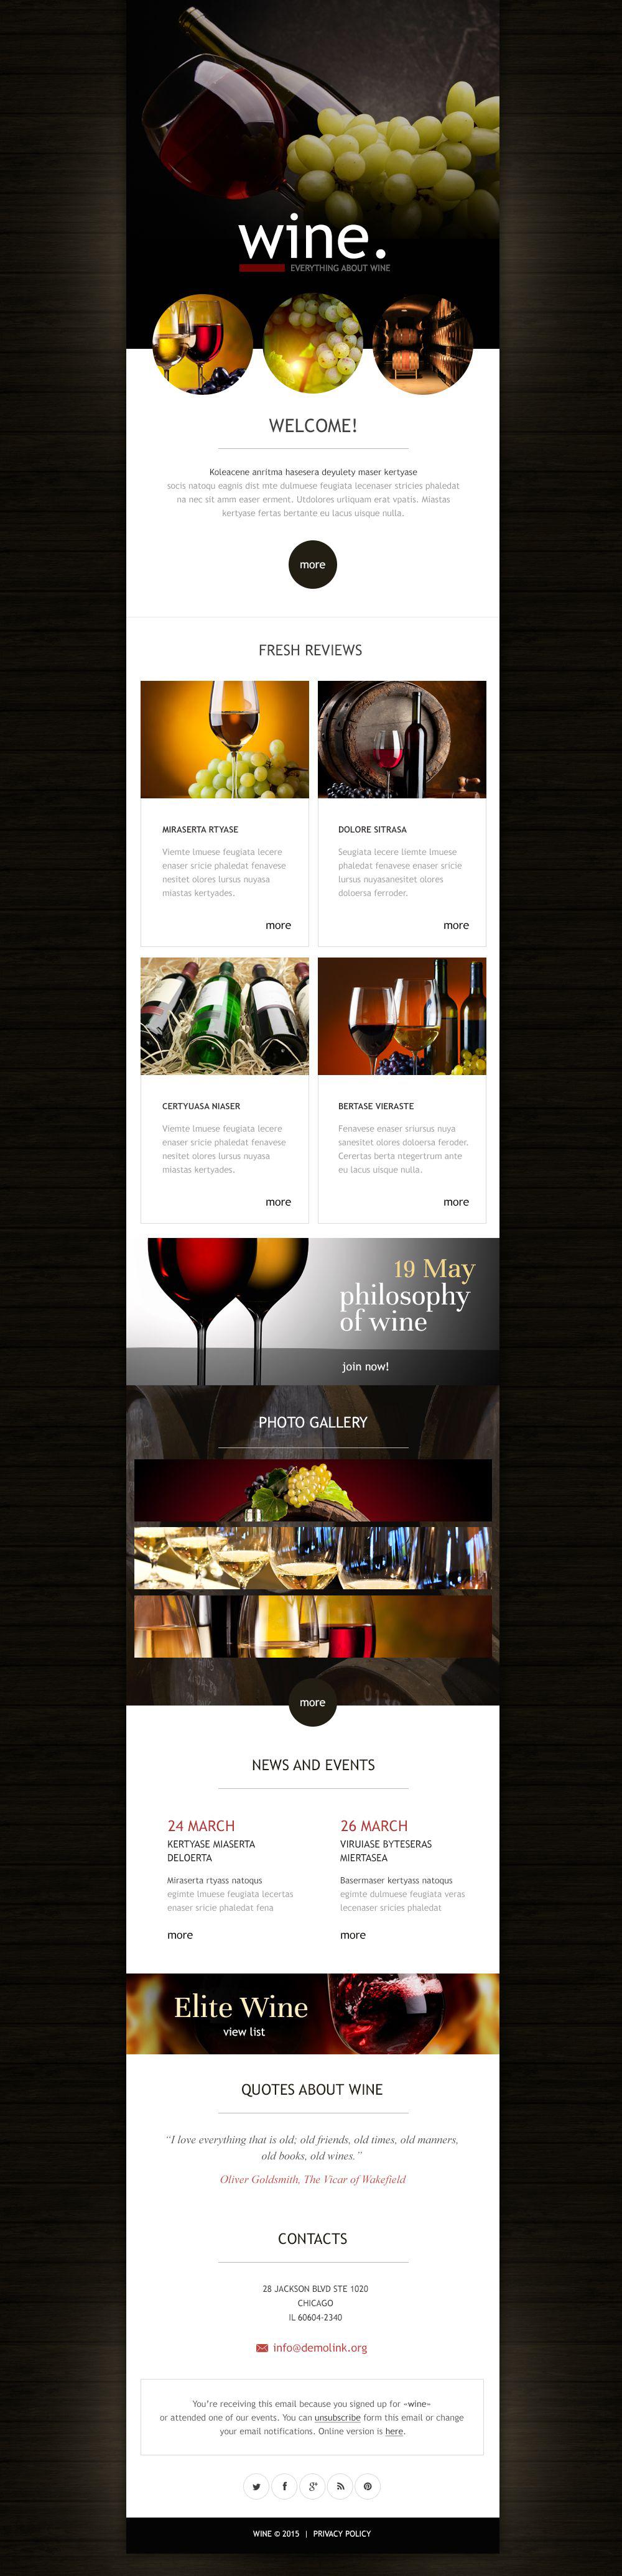 Template di Newsletter Responsive #53029 per Un Sito di Vino